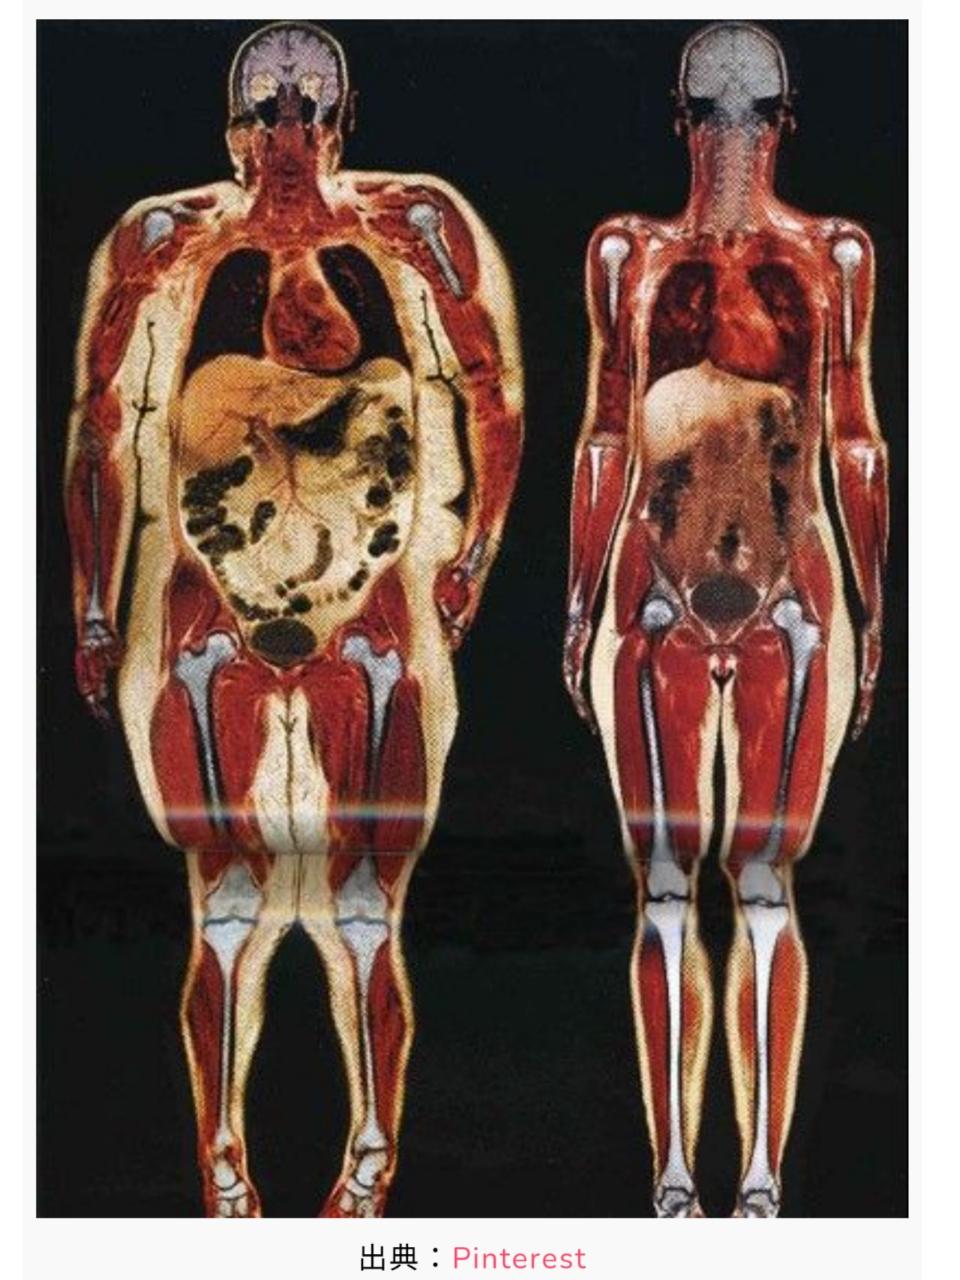 袋井ダイエット 筋肉のねじれ 内臓脂肪と皮下脂肪